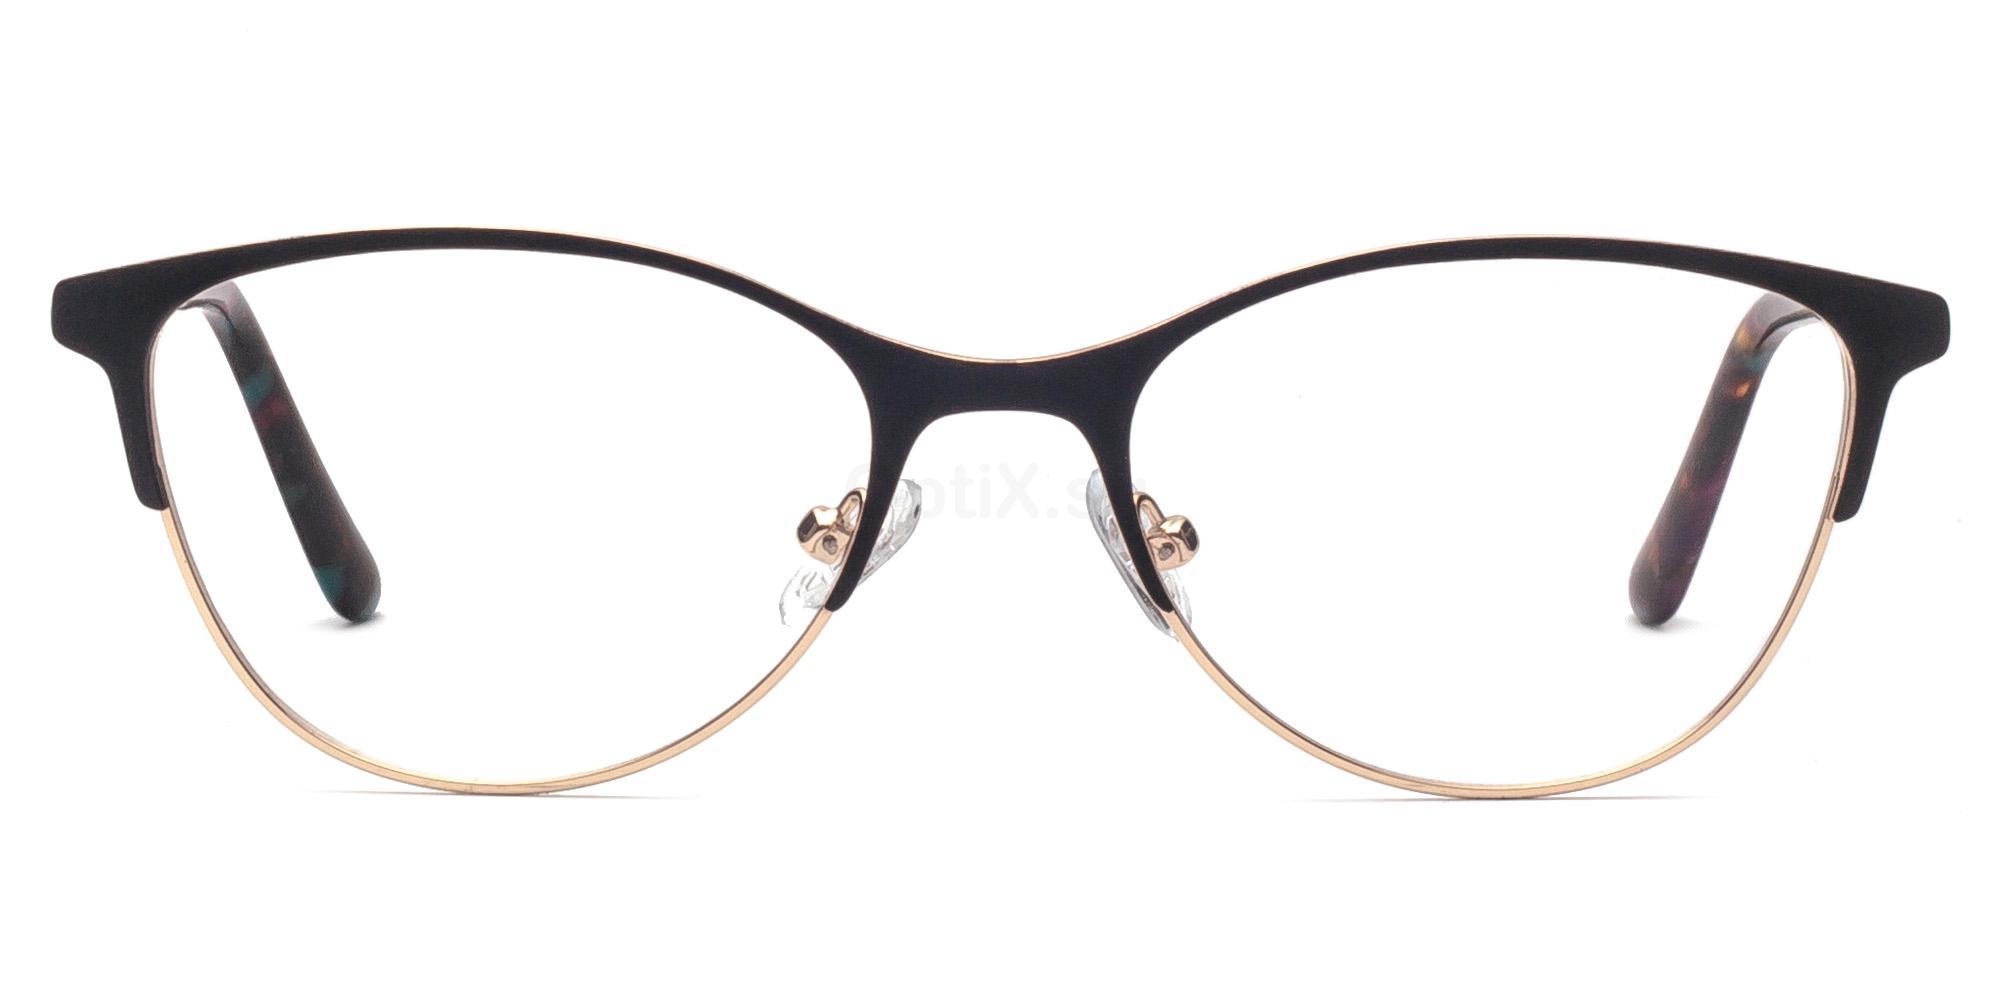 C01 BHX2148 Glasses, Infinity